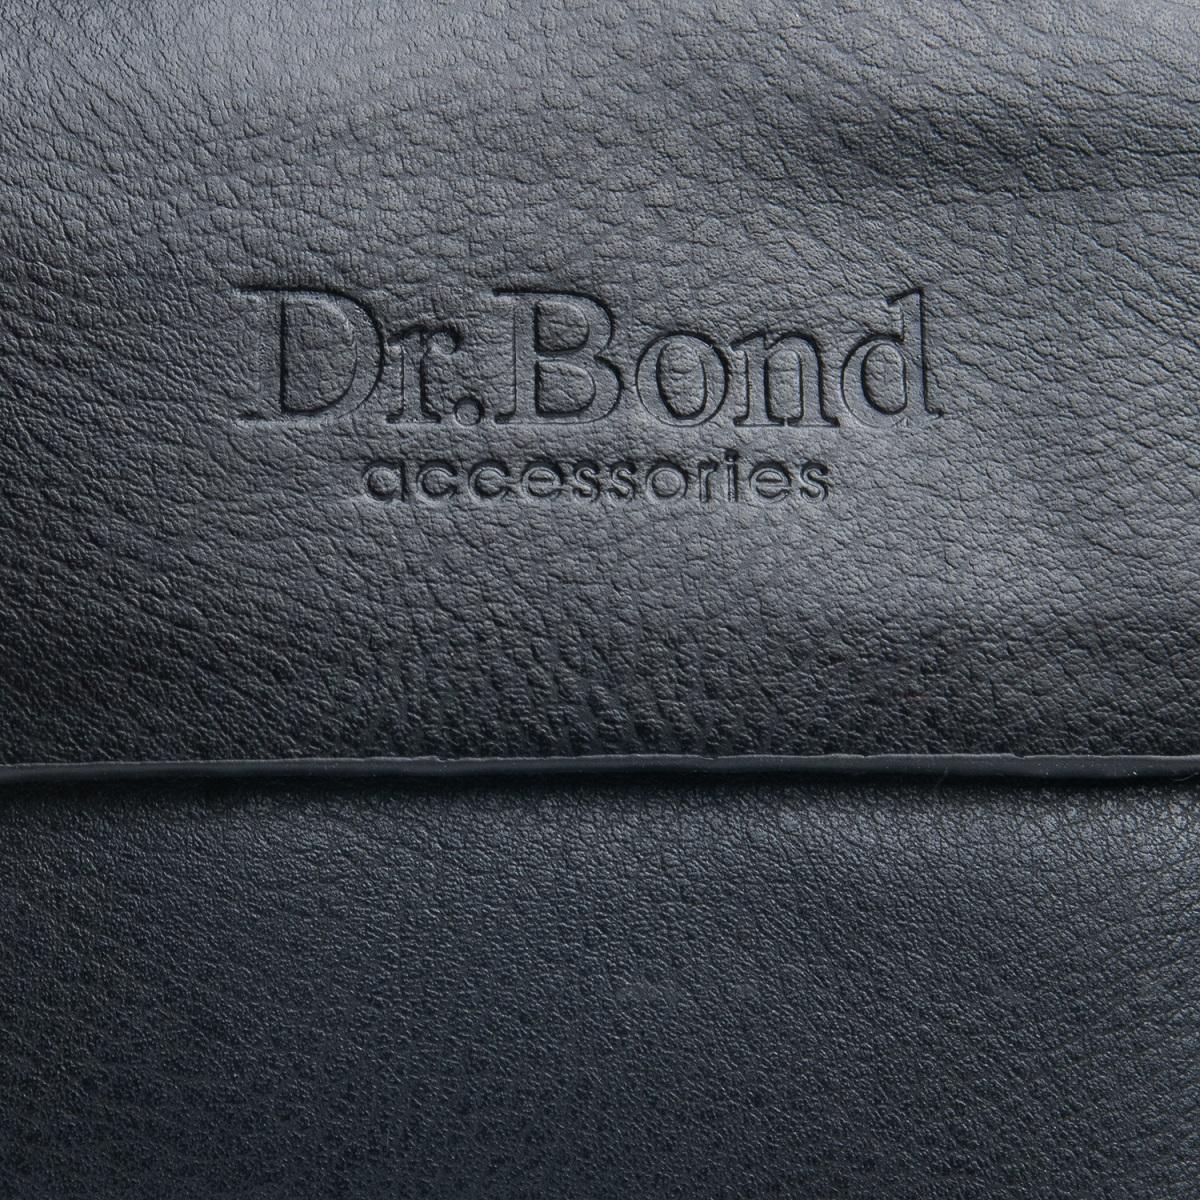 Сумка Мужская Планшет иск-кожа DR. BOND GL 316-0 black - фото 3